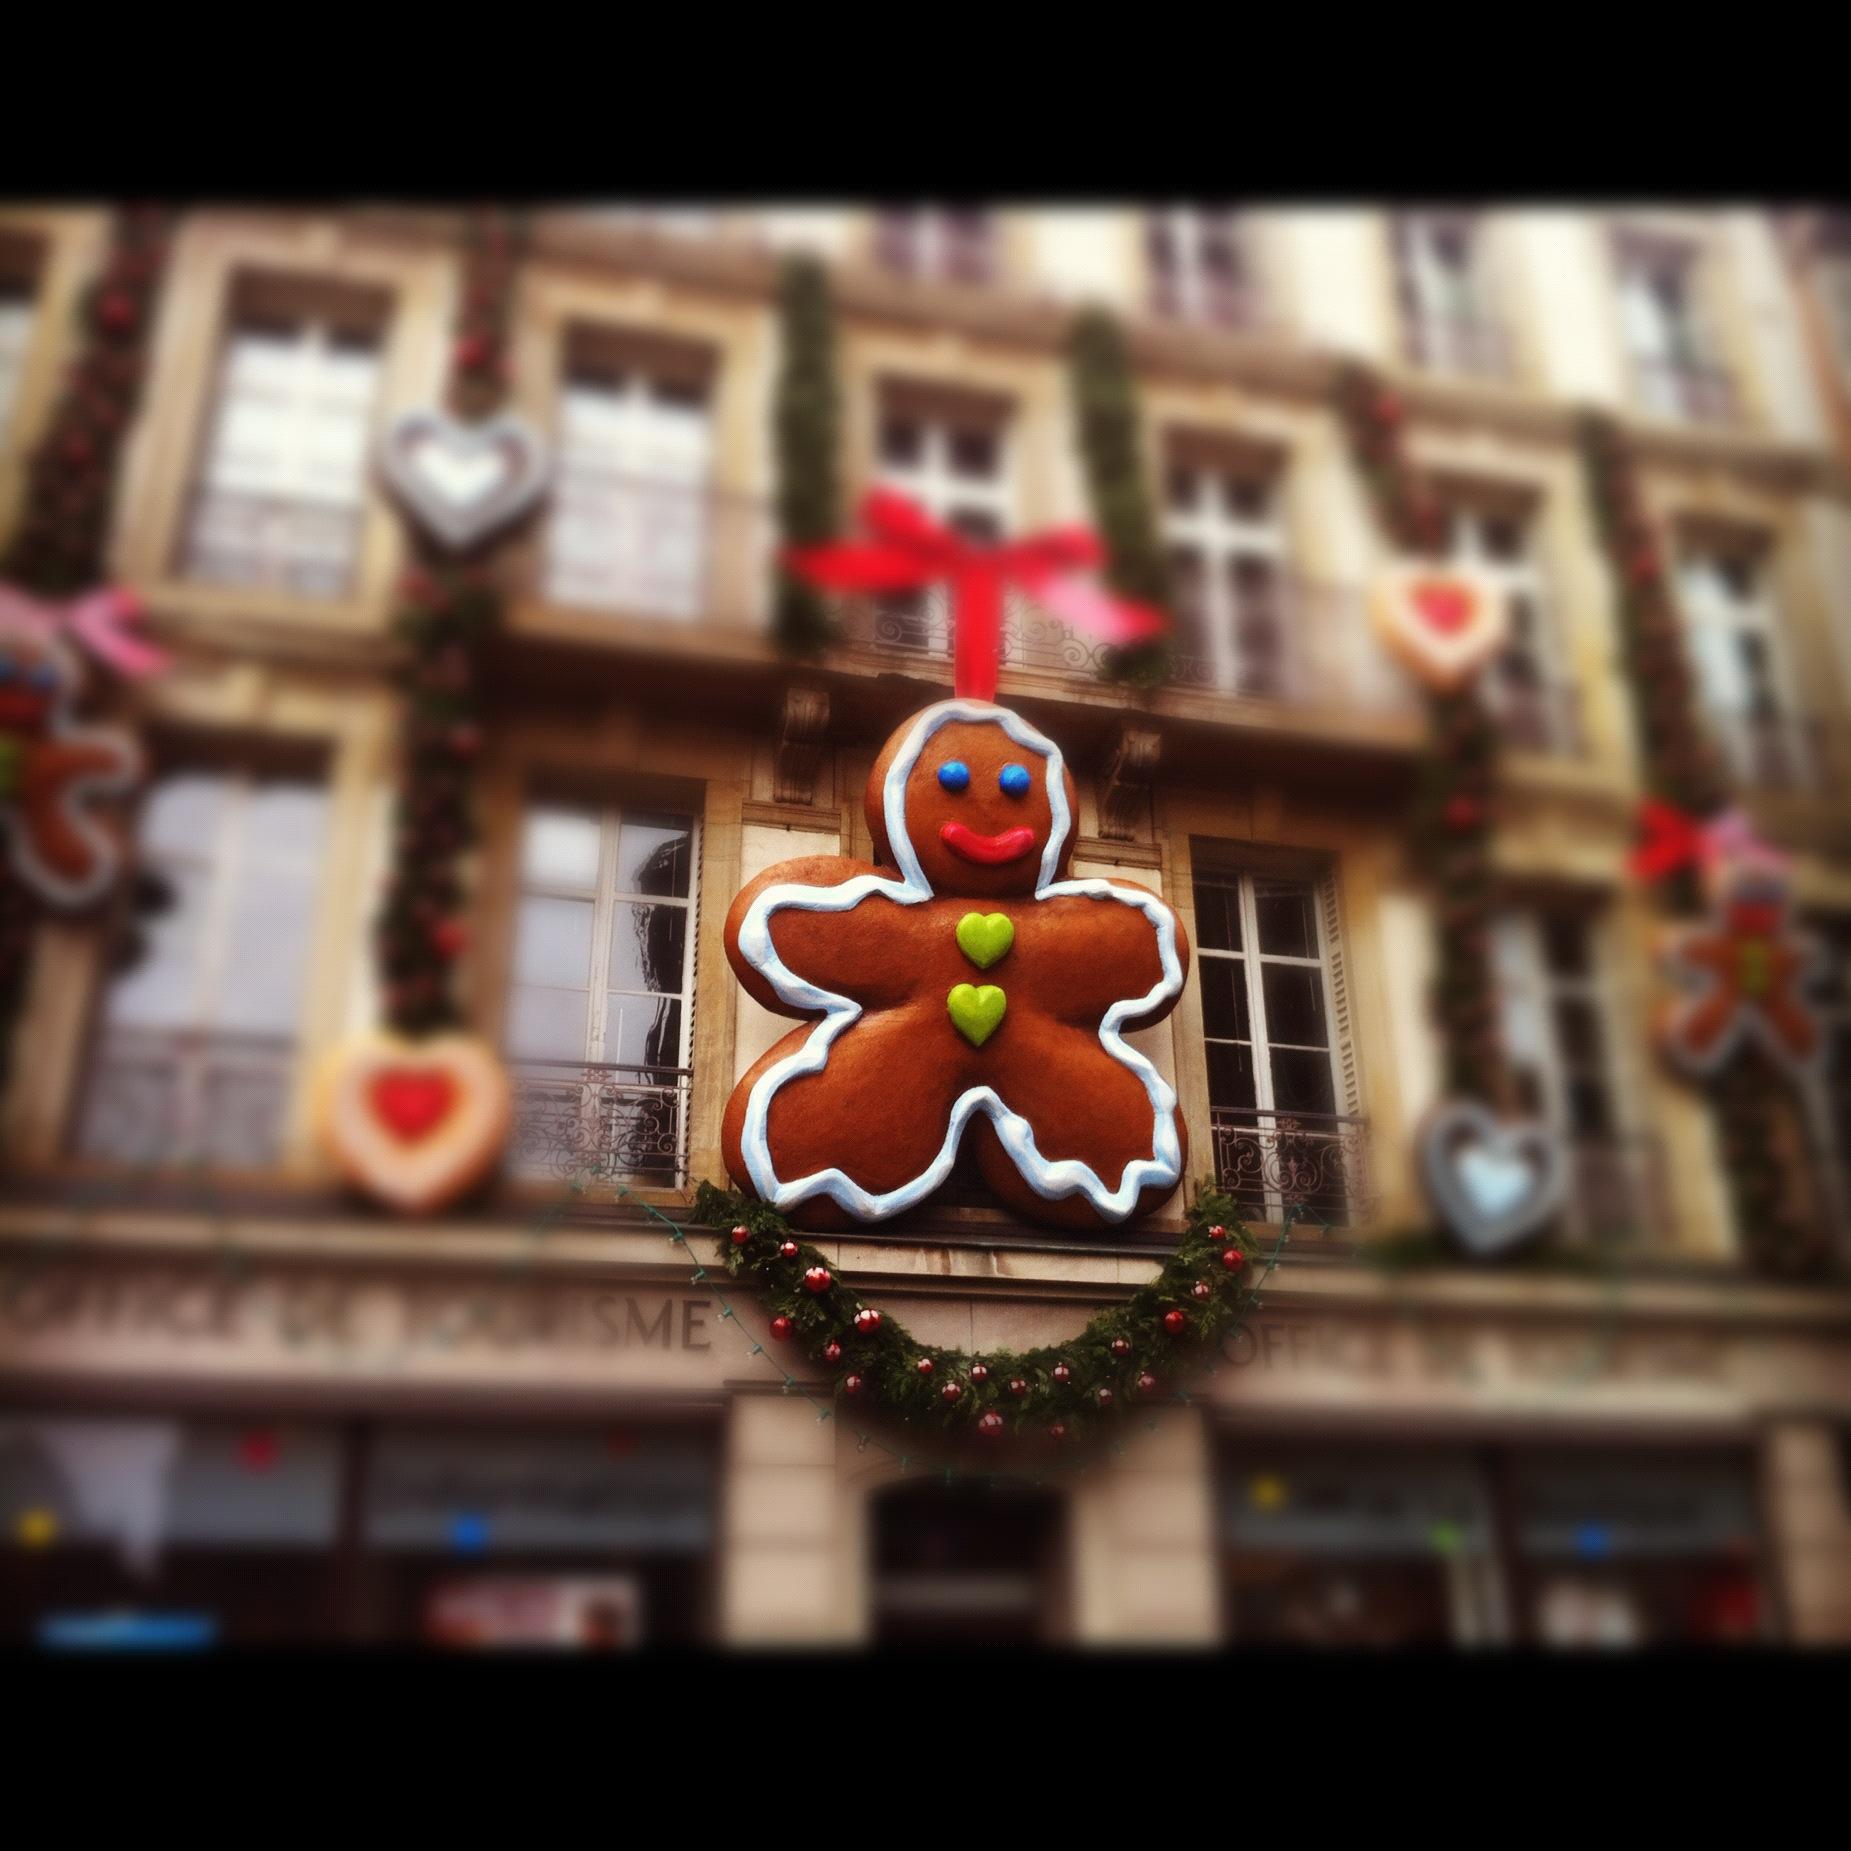 Monsieur Pain d'épices à l'office du tourisme de Strasbourg